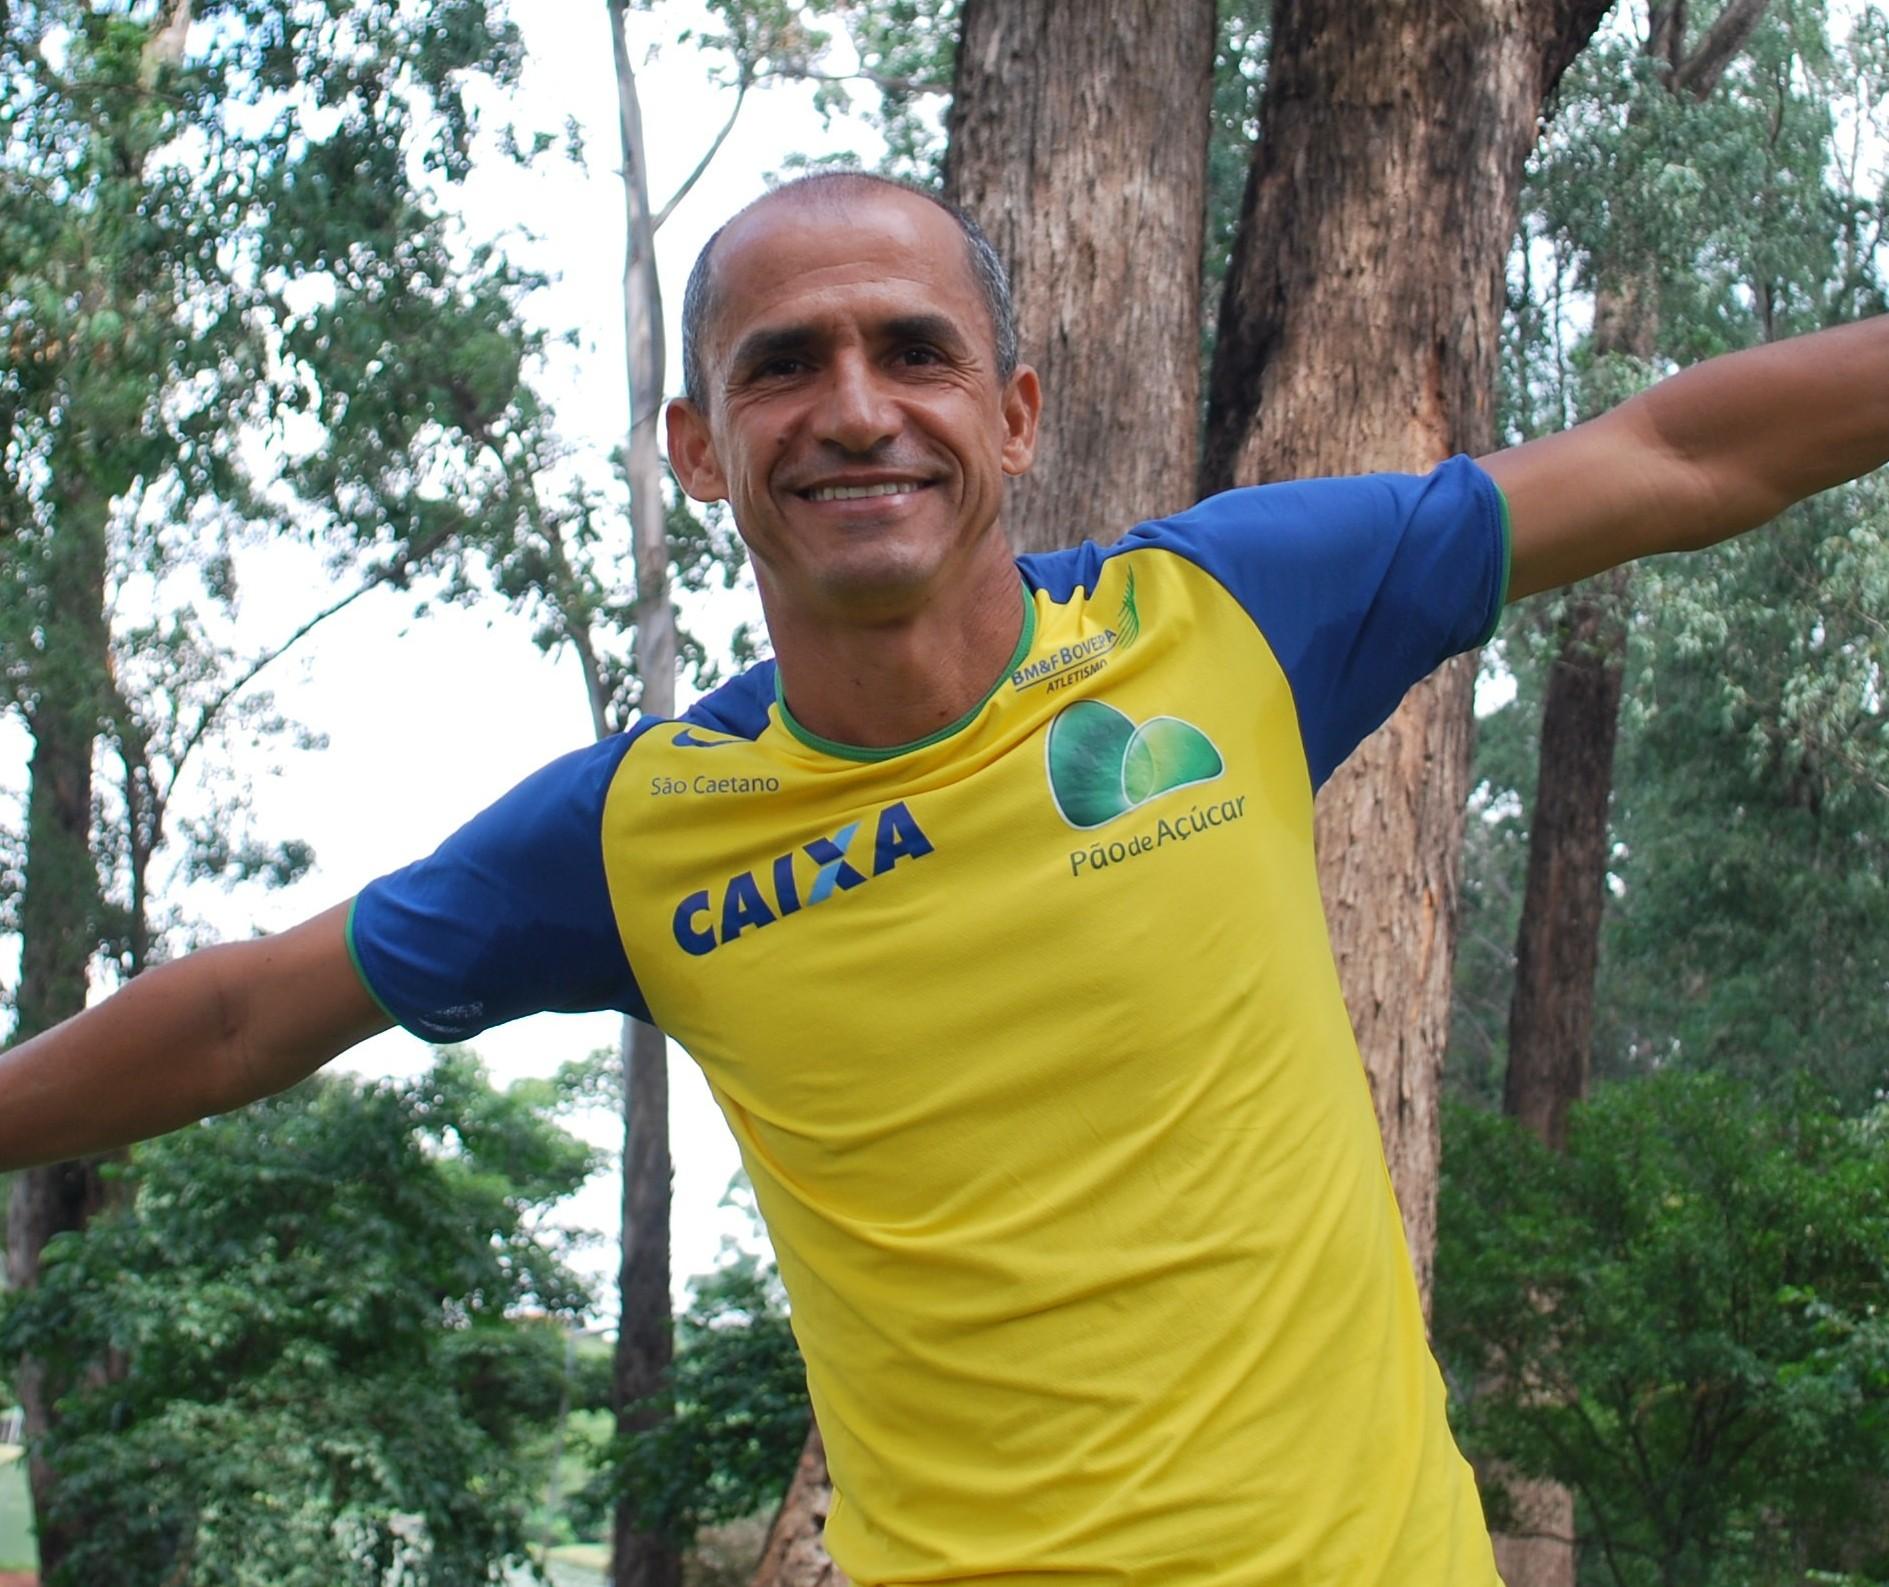 Ex-maratonista Vanderlei Cordeiro de Lima vai liderar caminhada no Parque do Ingá